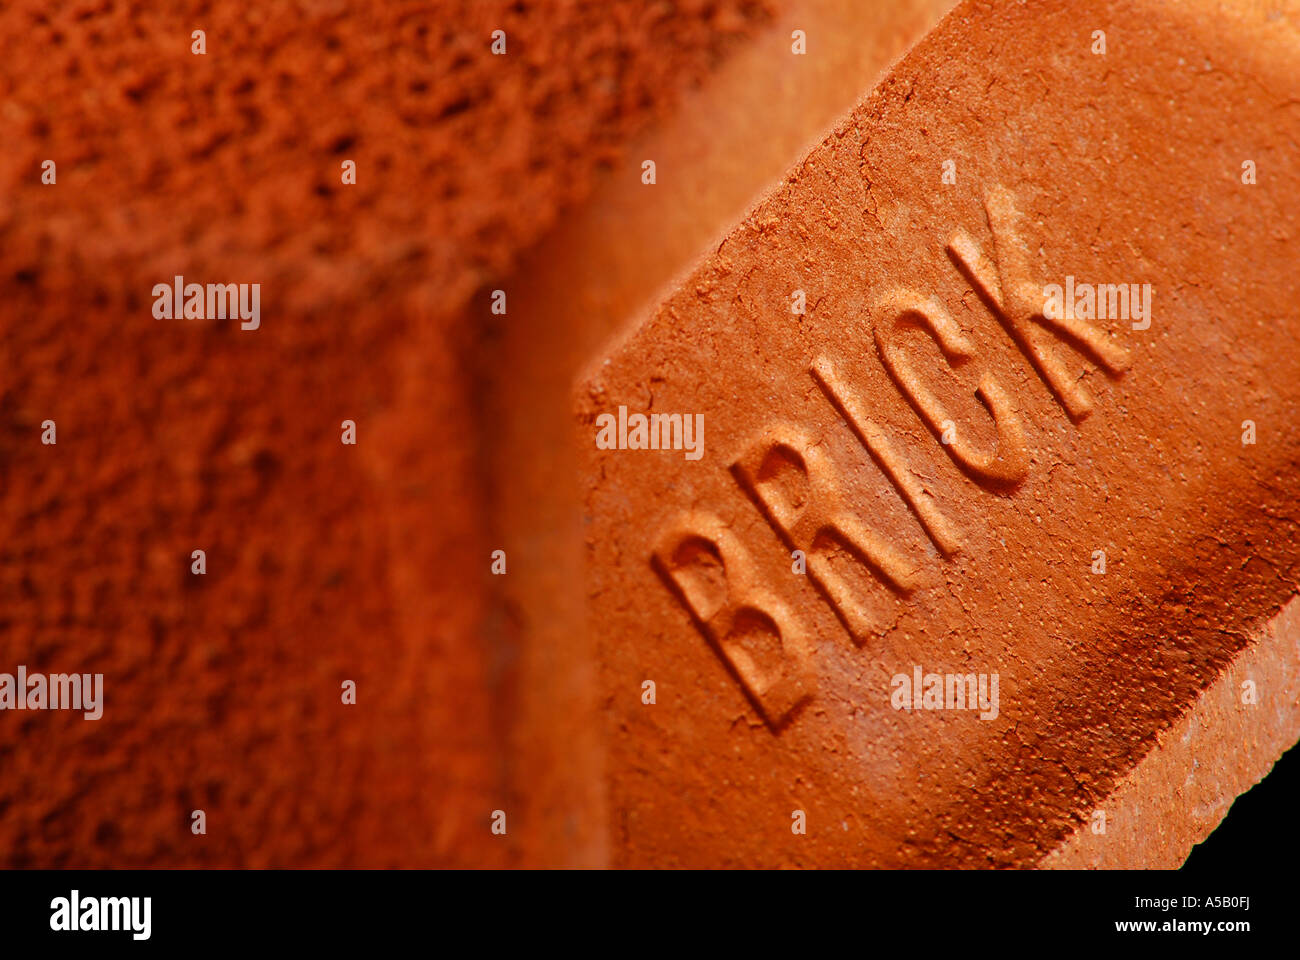 Eine Nahaufnahme des Ziegels. Bild von Patrick Steel patricksteel Stockbild